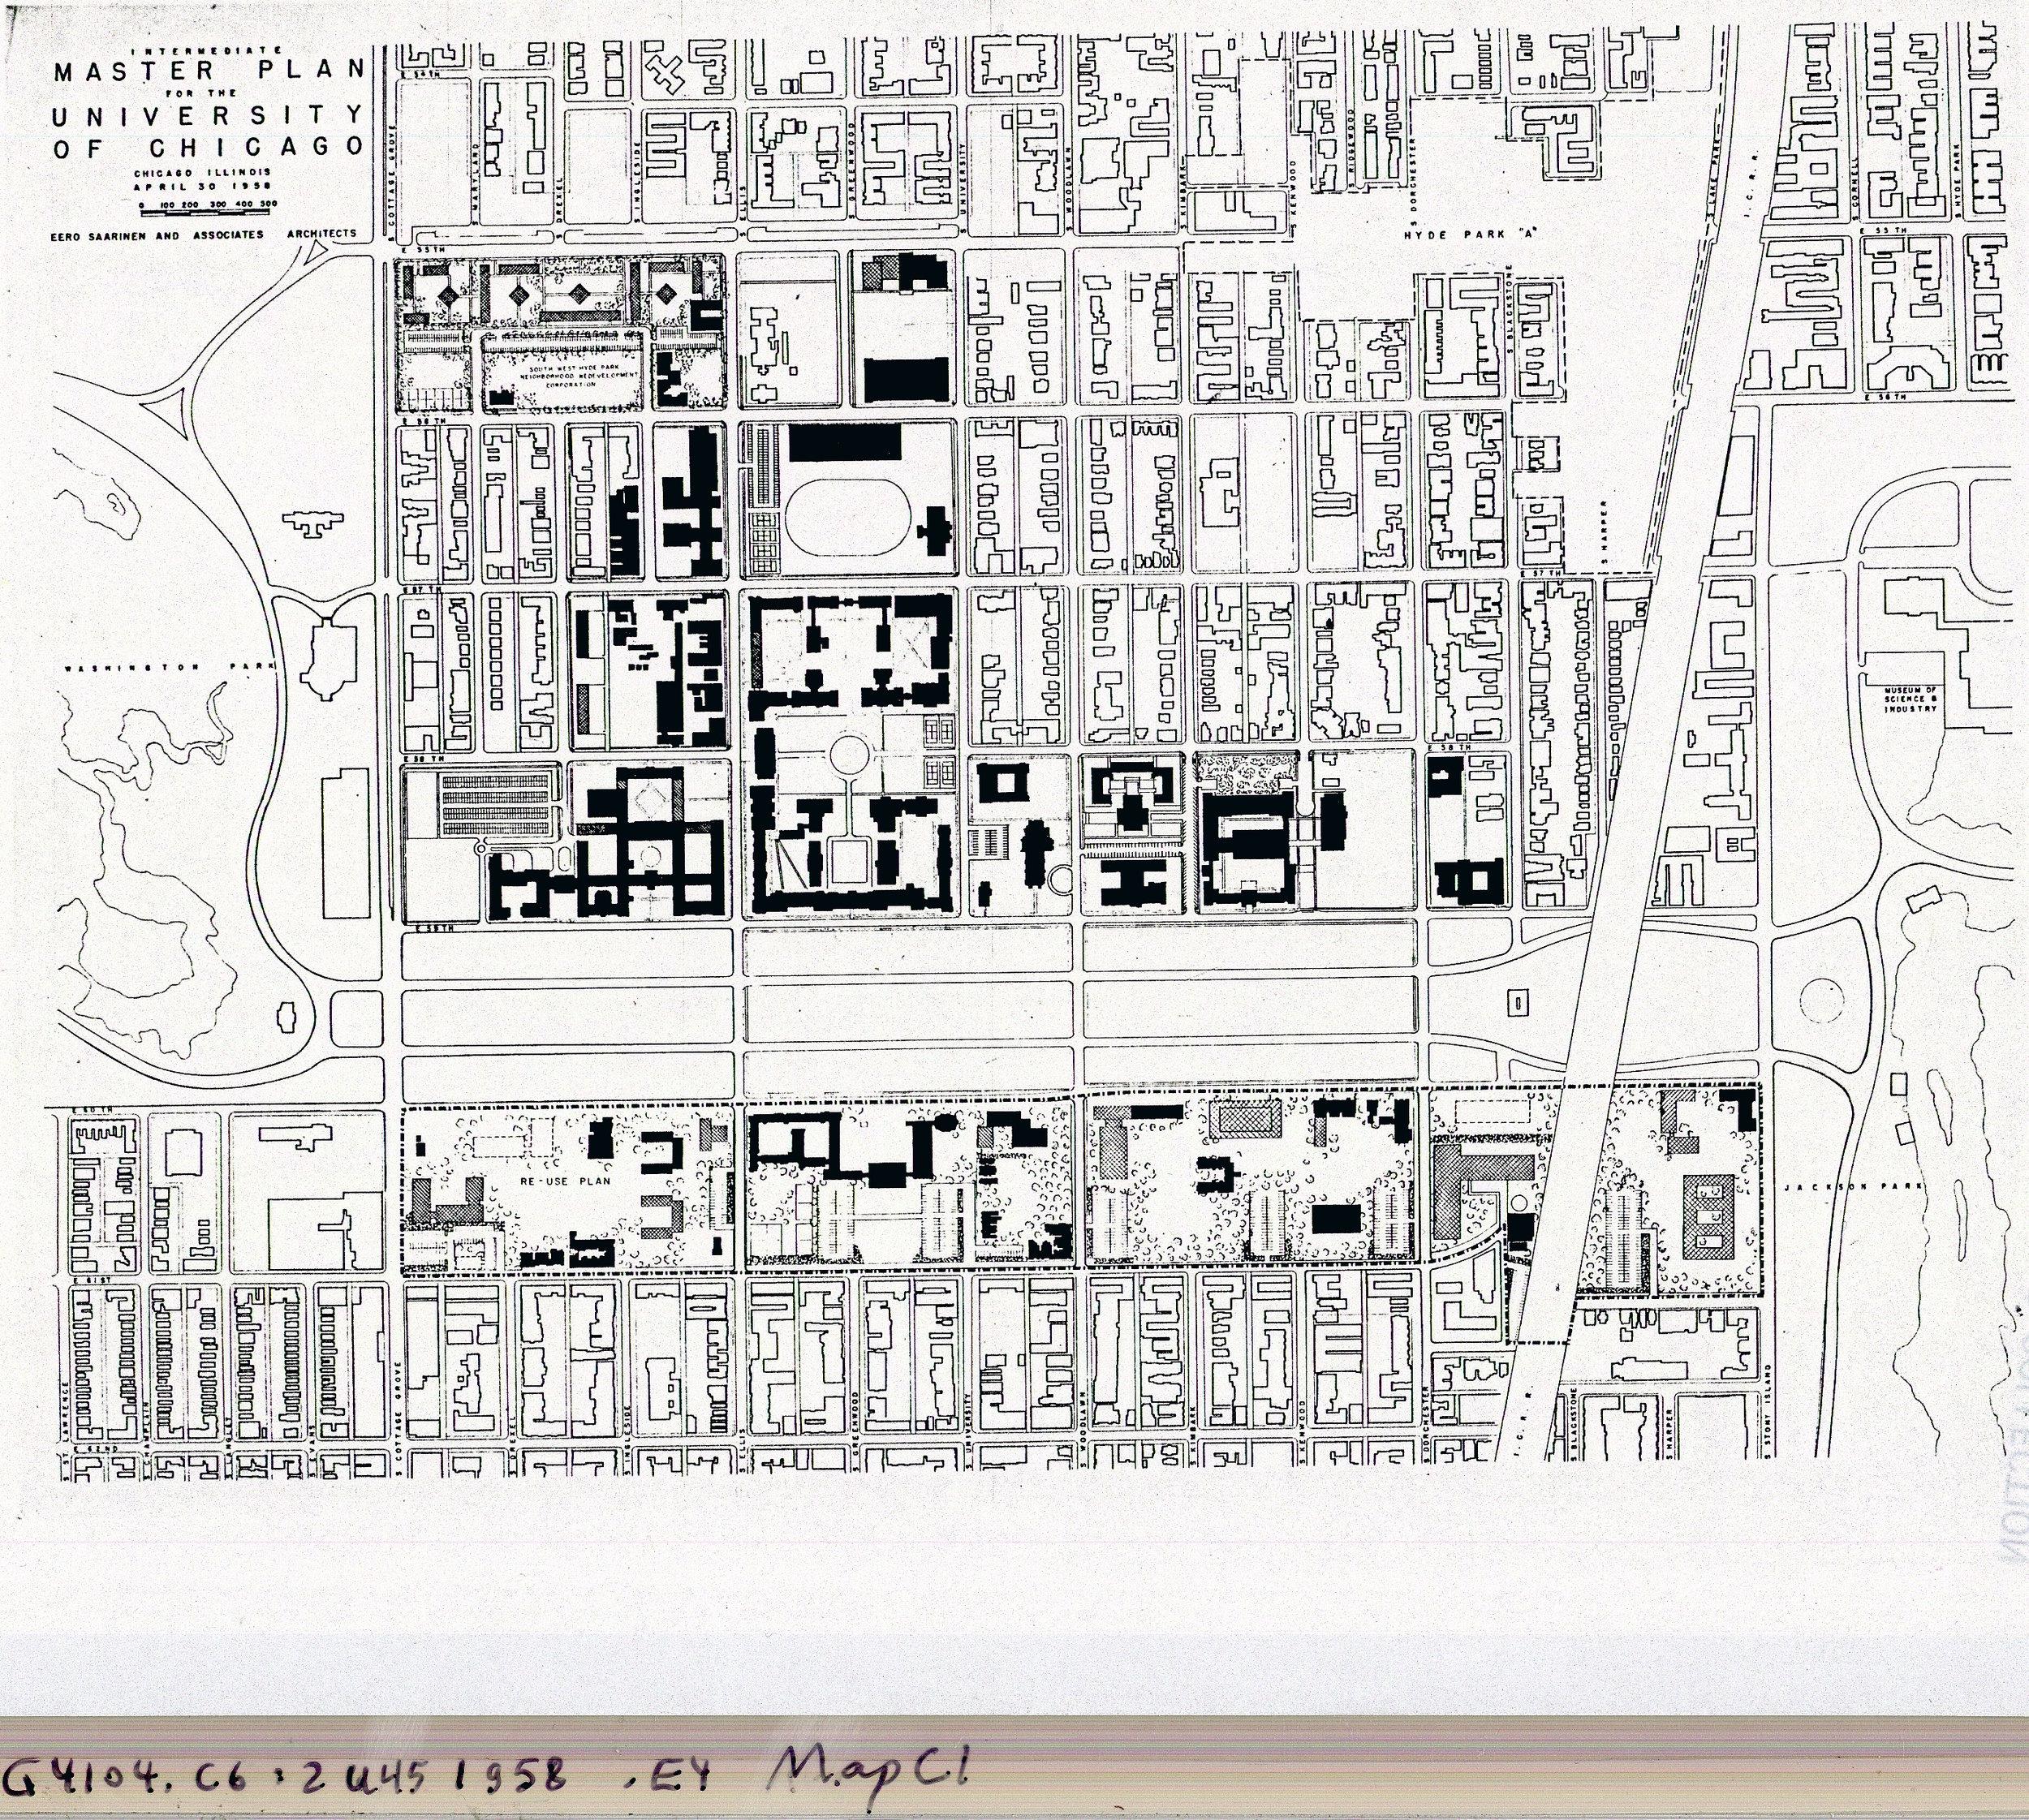 Eero Saarinen's Map of Campus, 1958